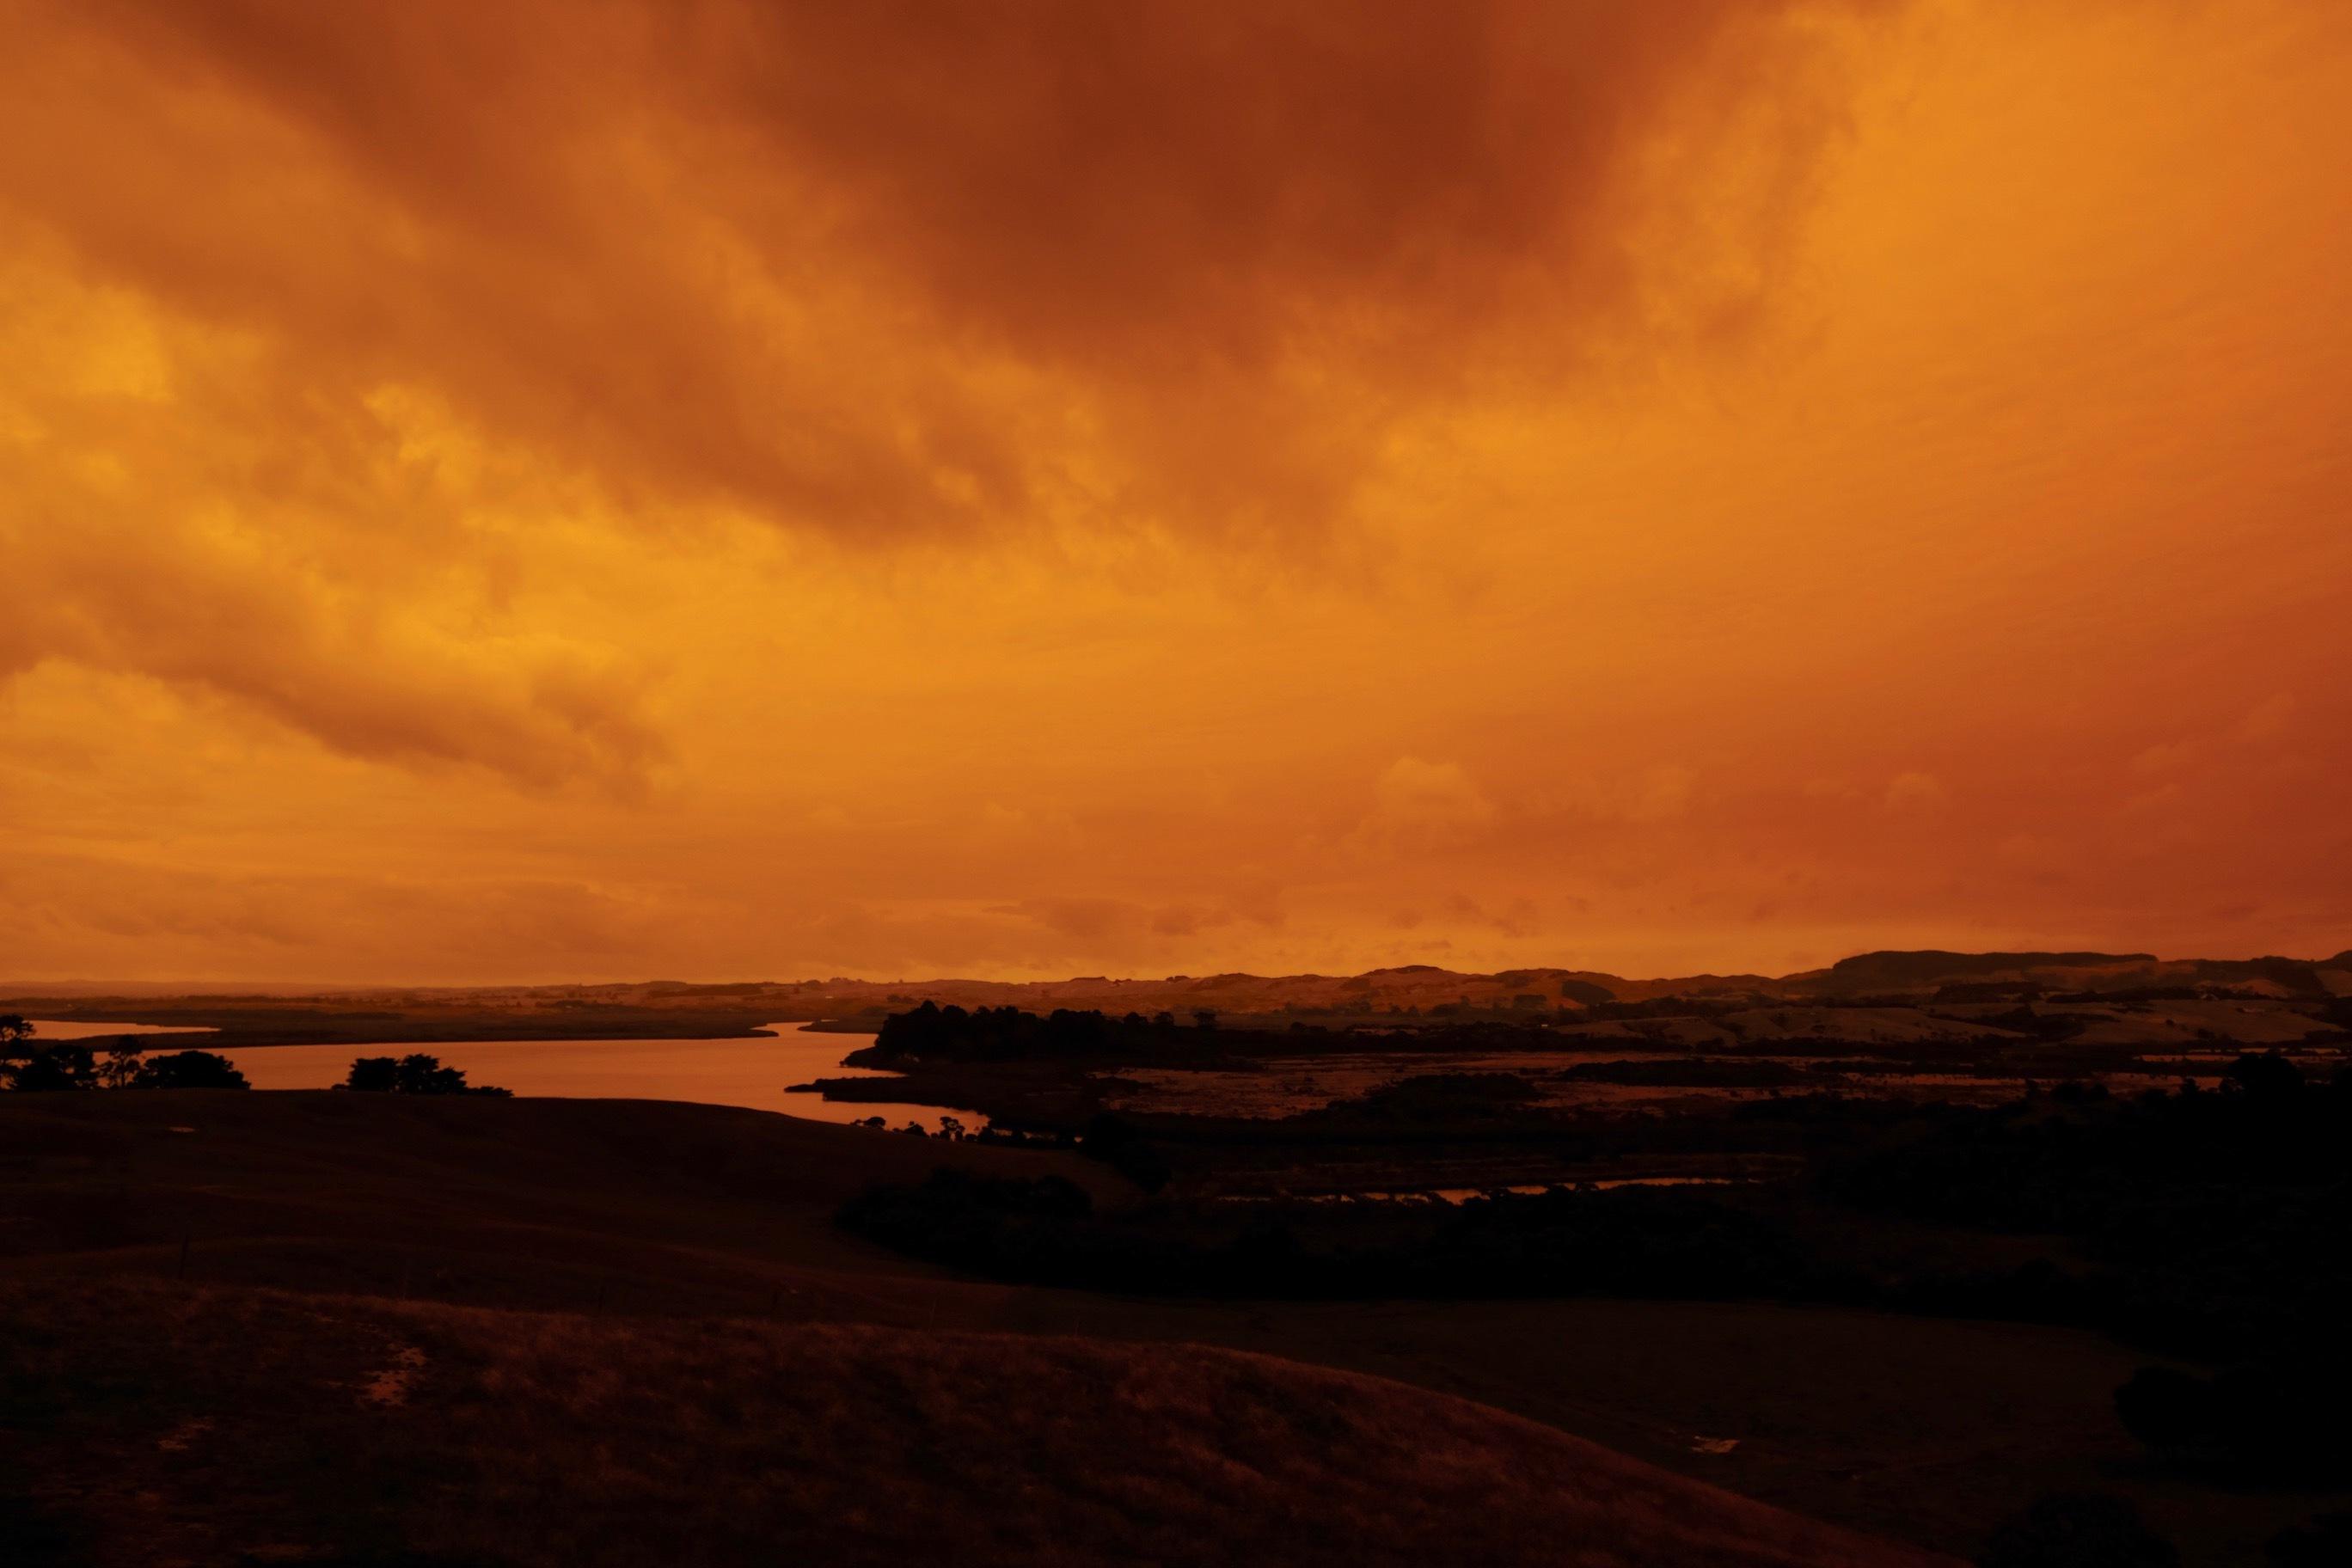 赤い空、グラスハウス、ログハウス内装/ Orange Sky, Glasshouse, Log Cabin Interior_e0310424_19111705.jpg